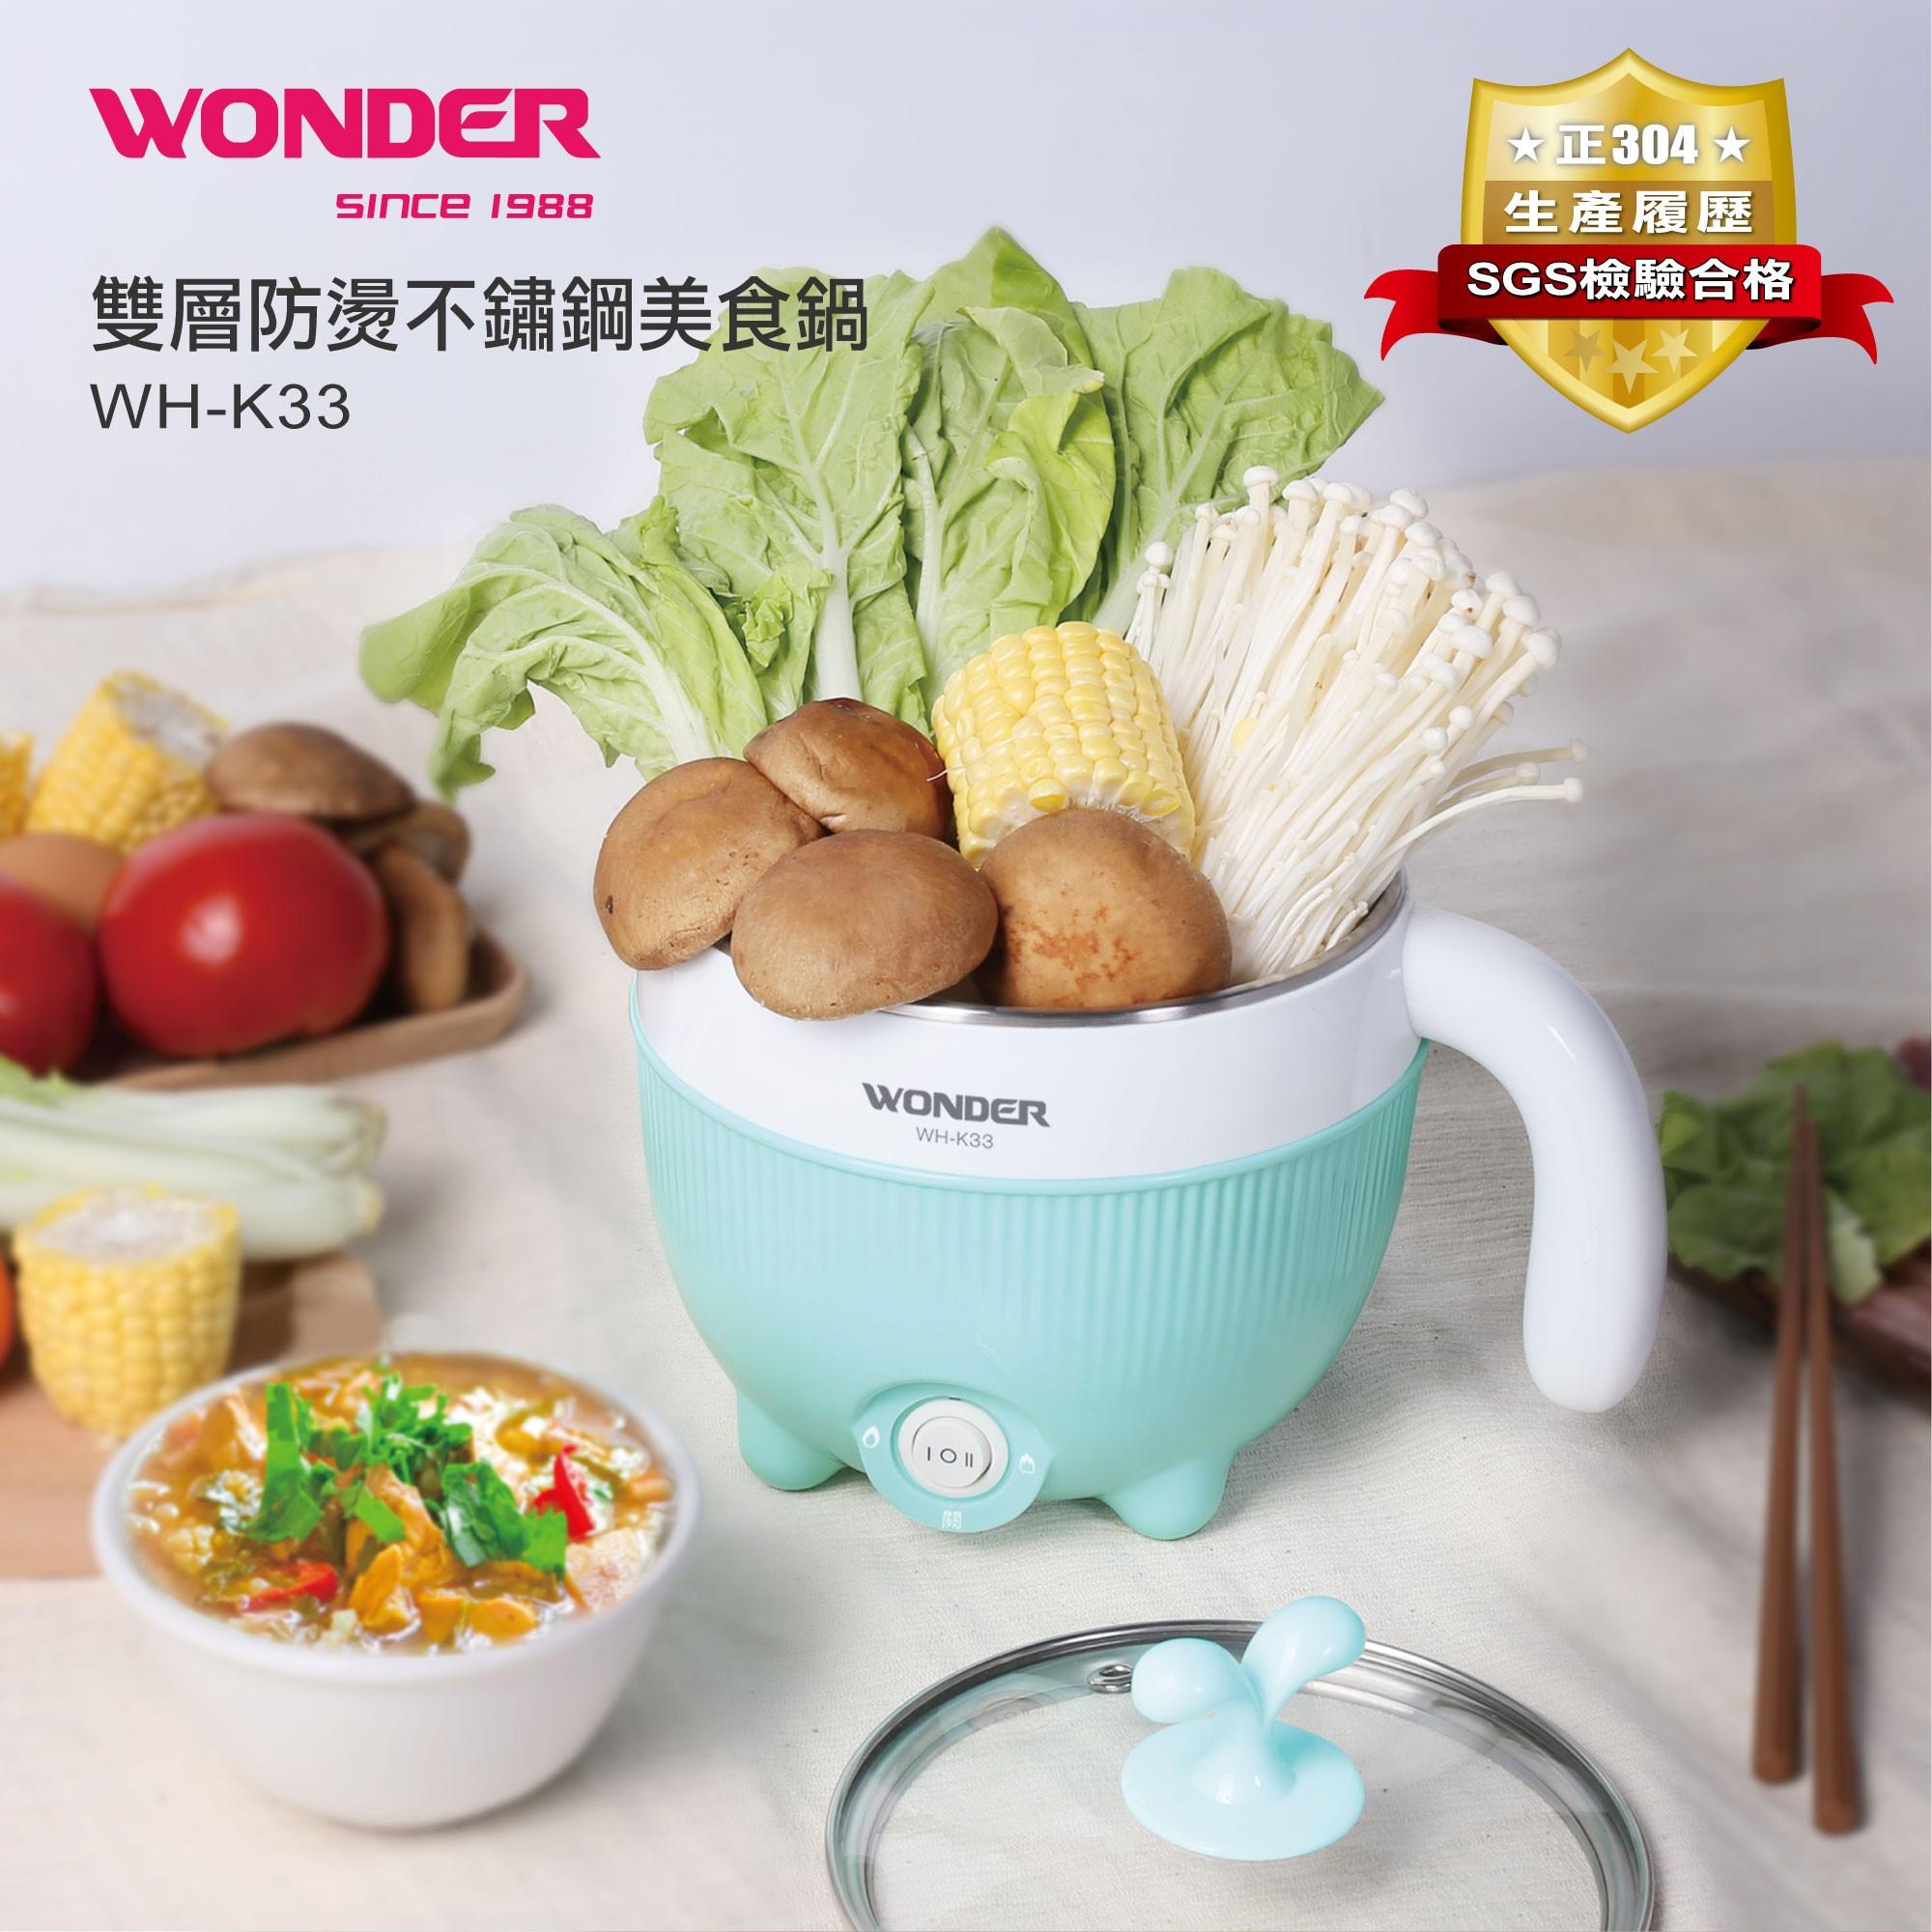 WONDER旺德 雙層防燙不鏽鋼美食鍋 WH-K33